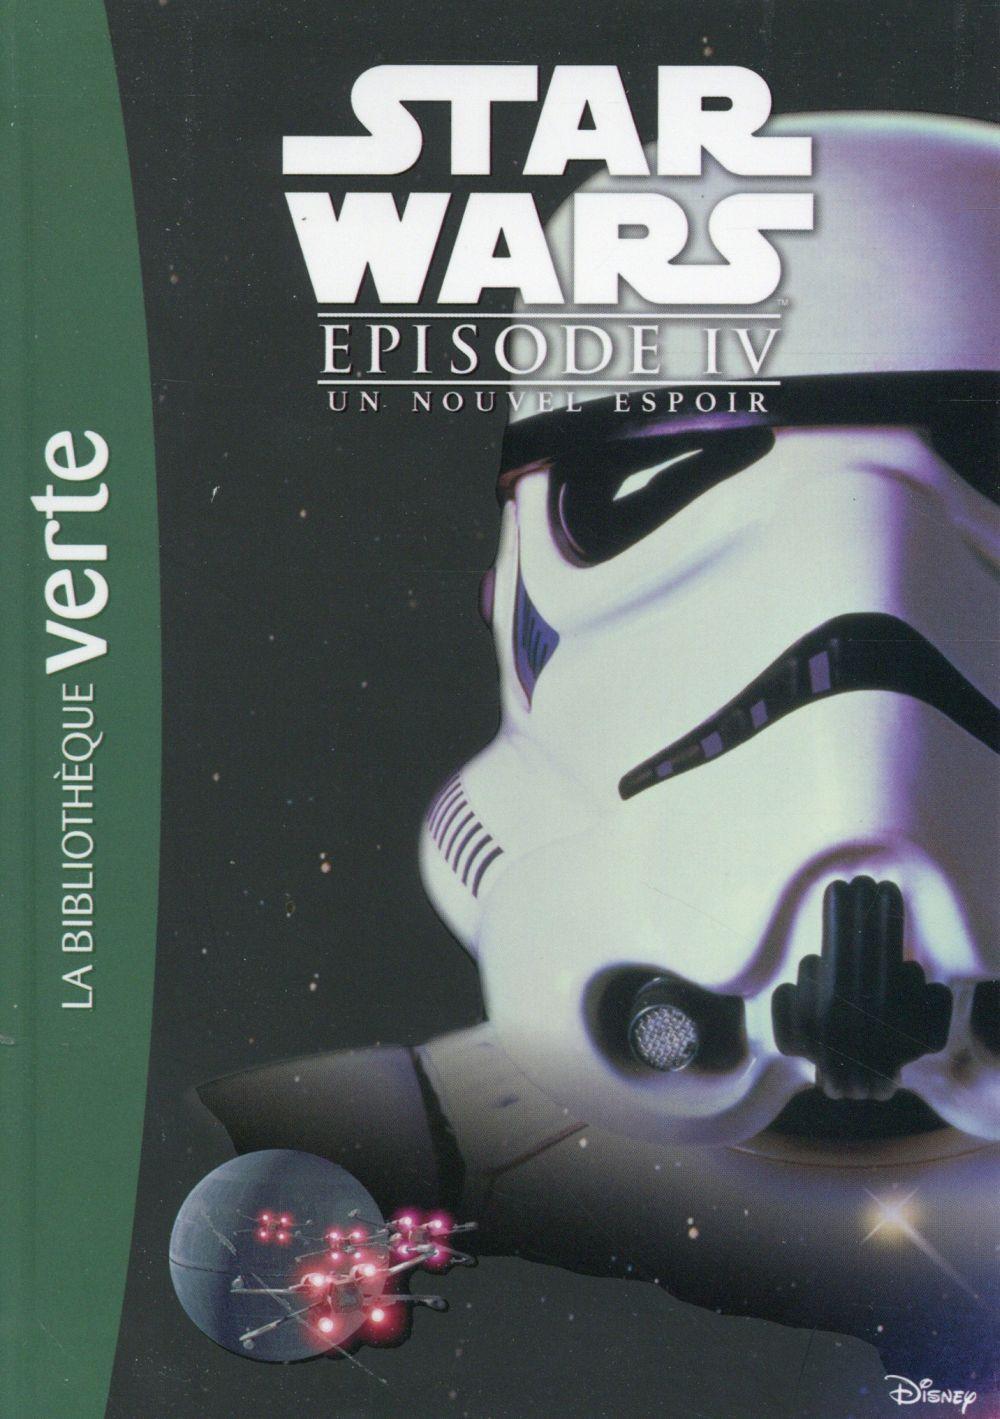 STAR WARS 10-12 ANS - T04 - STAR WARS - EPISODE IV - UN NOUVEL ESPOIR - LE ROMAN DU FILM XXX